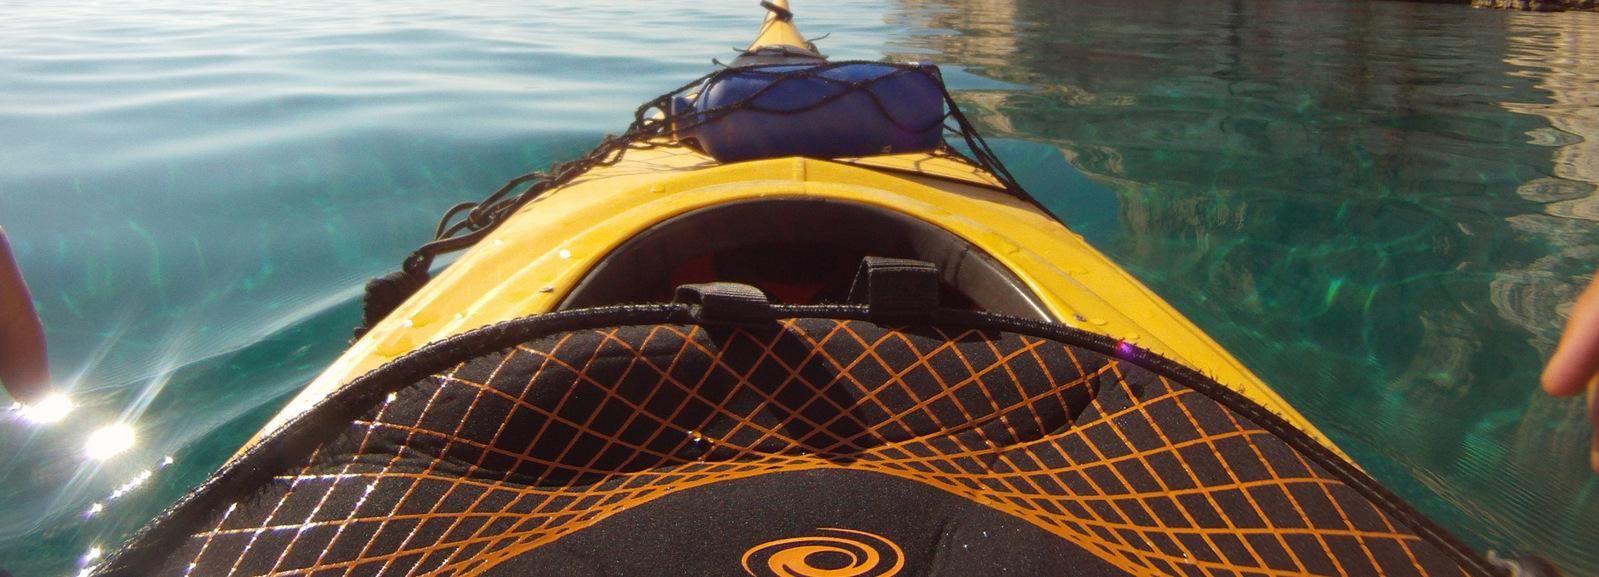 Cagliari: the Devil's Saddle Kayak Tour